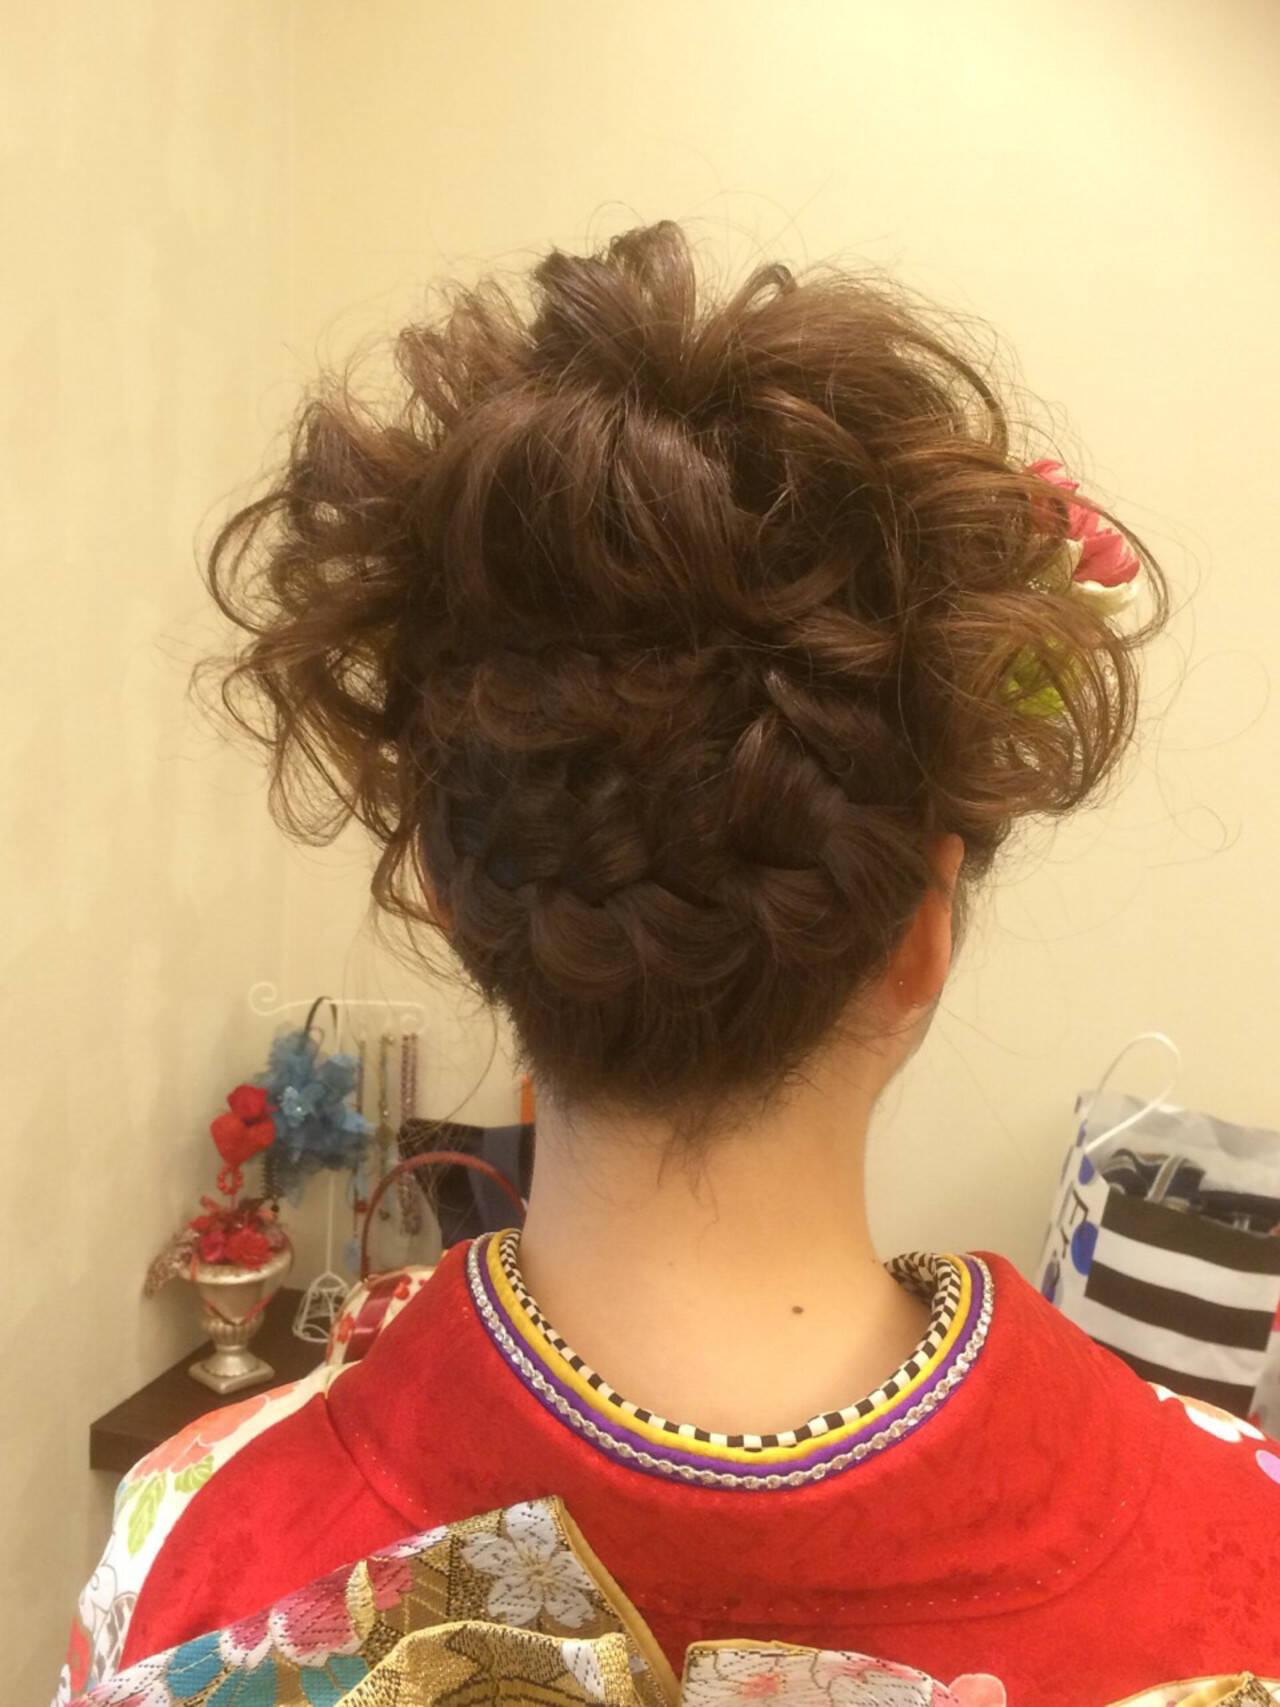 まとめ髪 ヘアアレンジ 成人式 結婚式ヘアスタイルや髪型の写真・画像